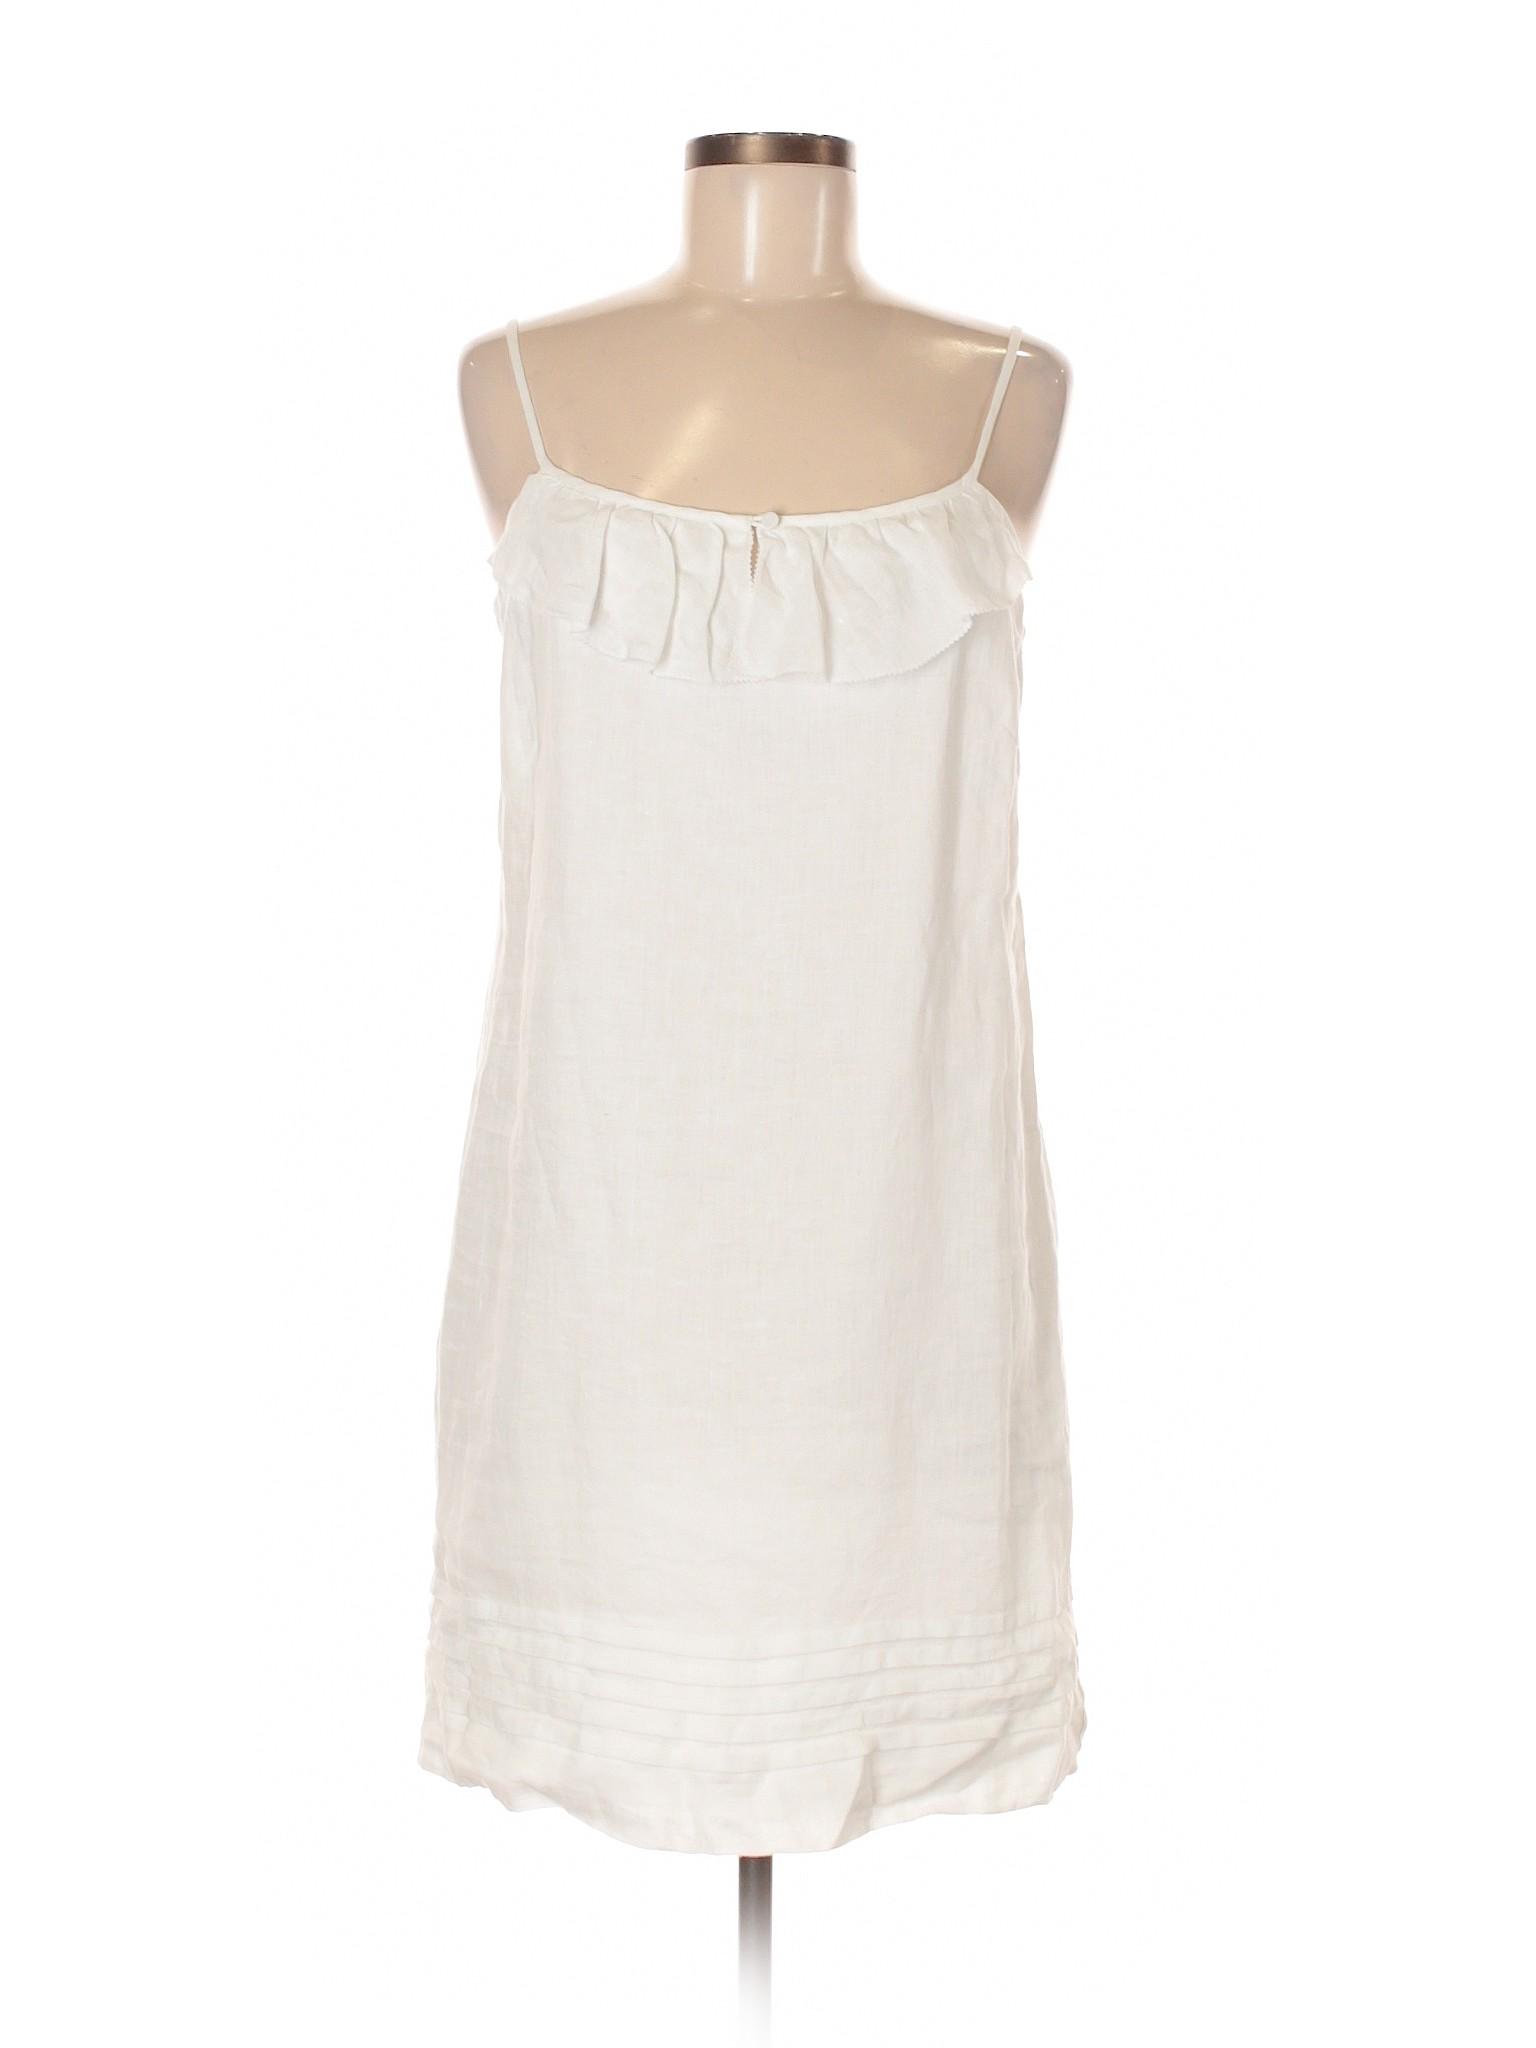 Dress Casual Ann LOFT winter Taylor Boutique Xqfw4